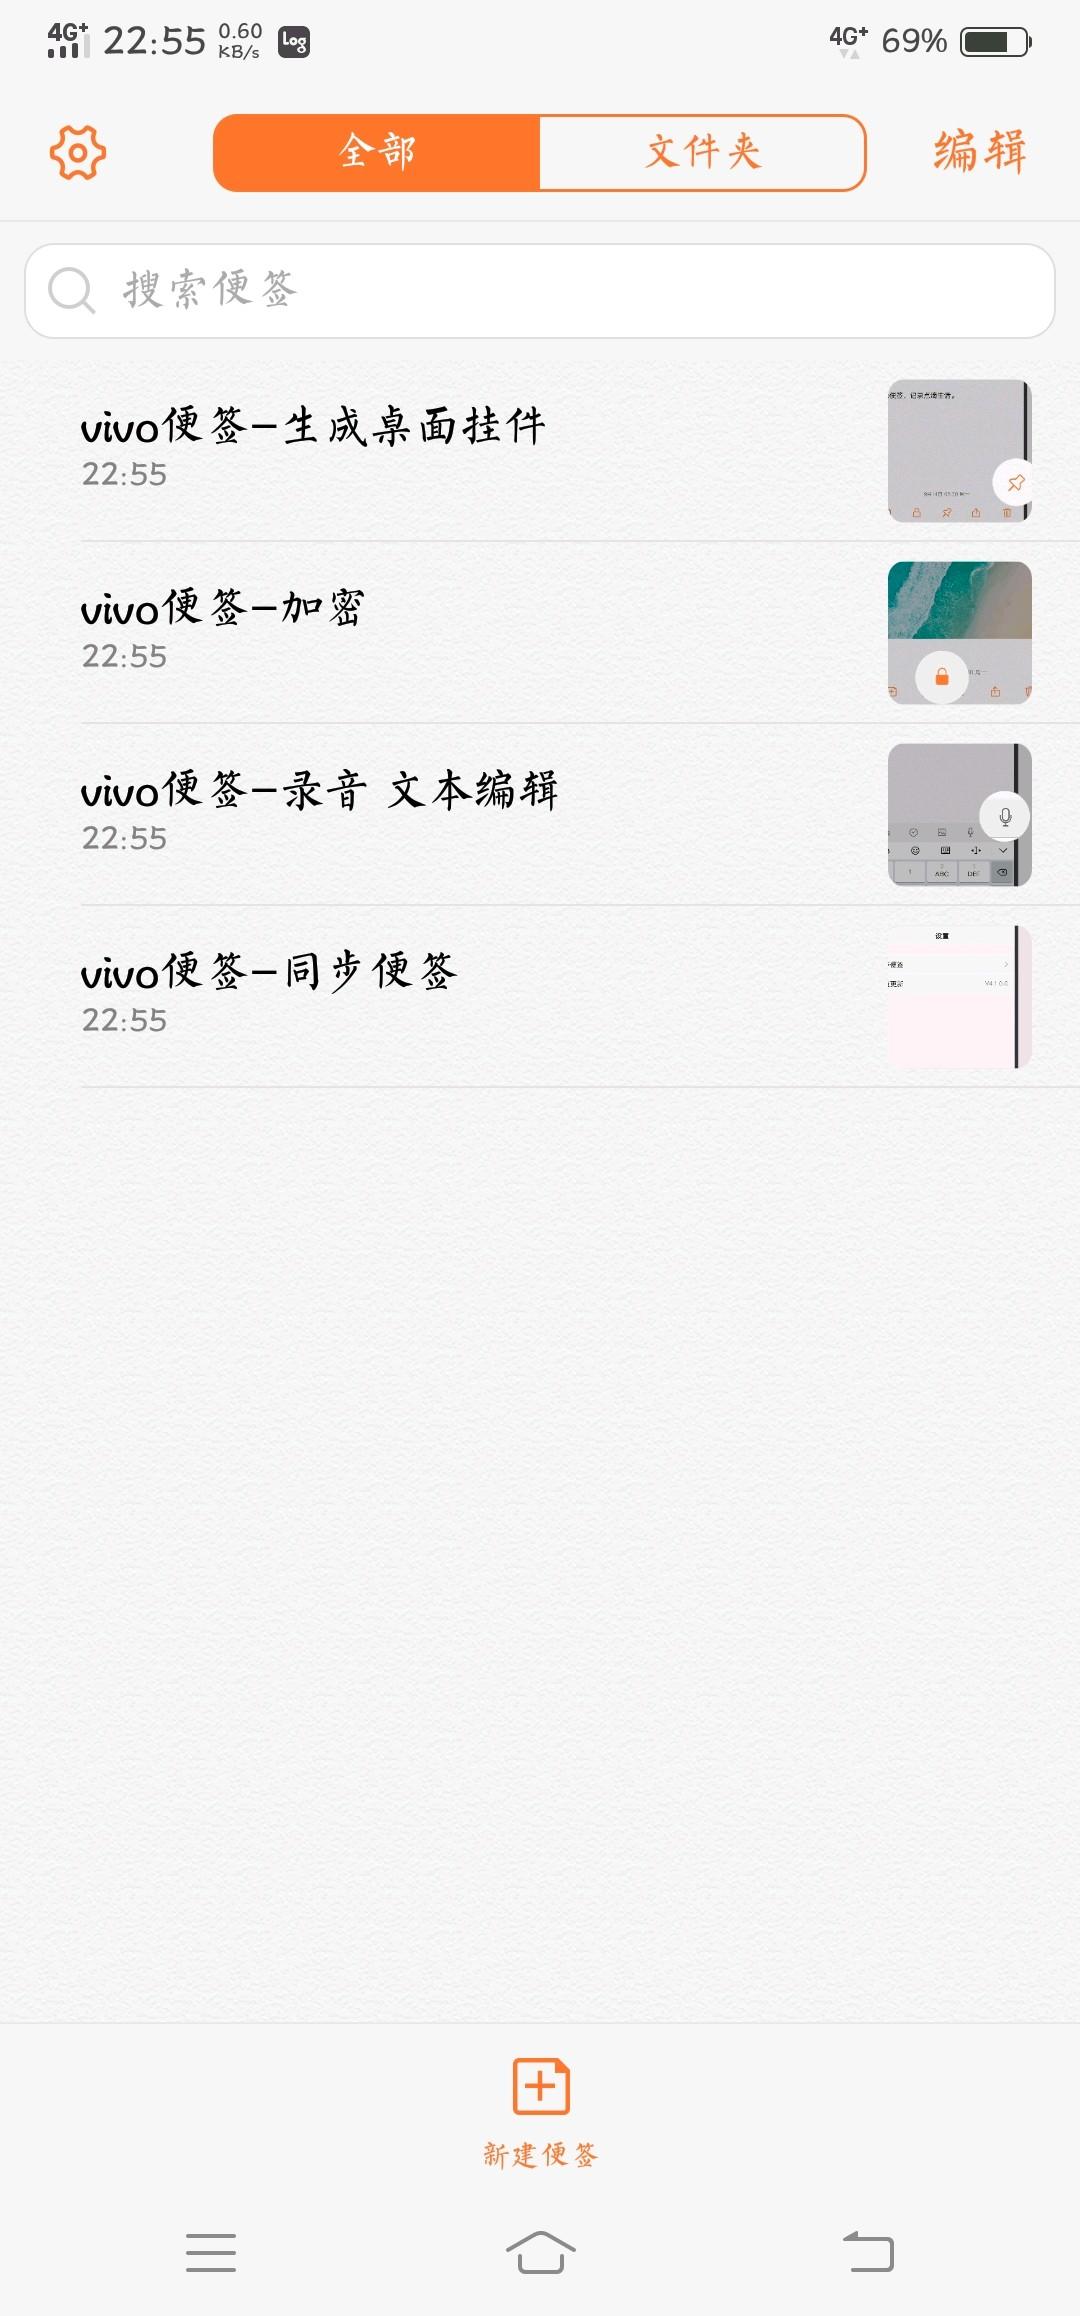 Screenshot_20180711_225544.jpg